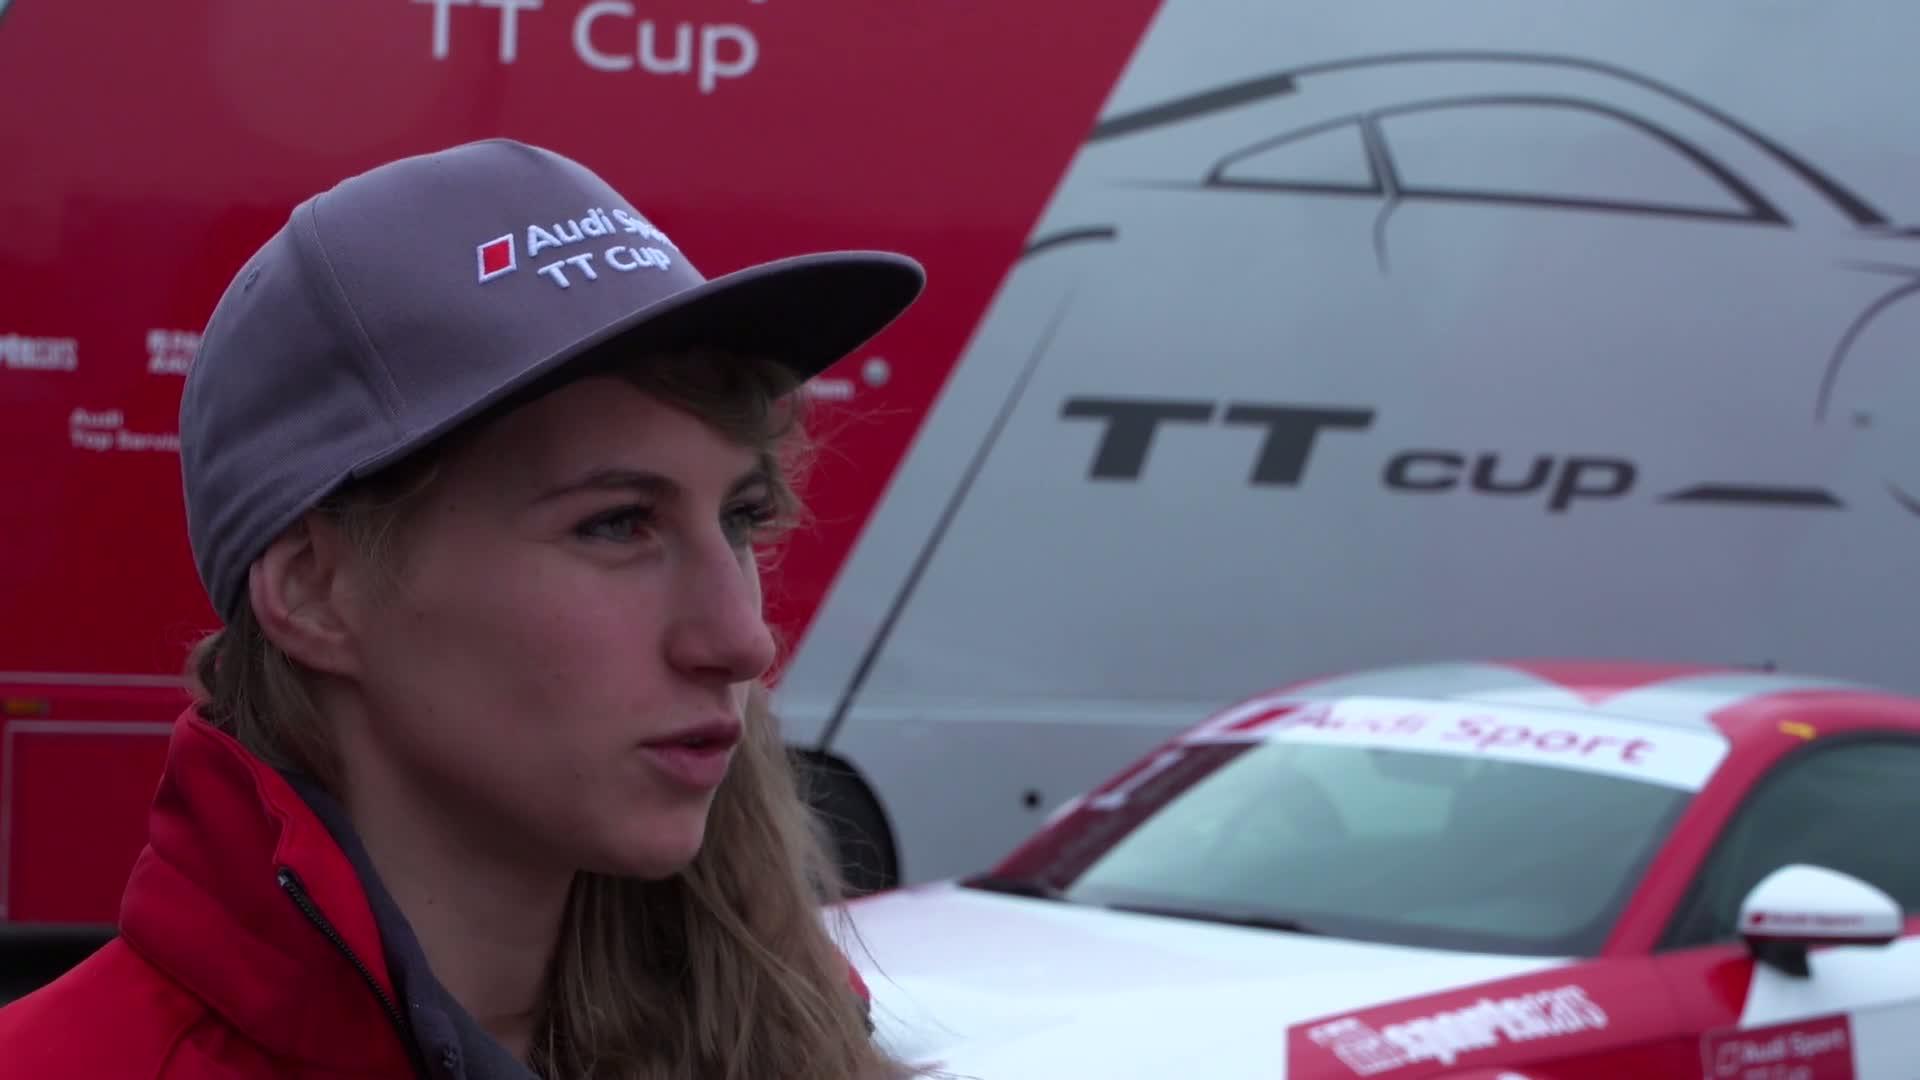 60 Seconds of Audi Sport 7/2016 – Audi Sport TT Cup, Gosia Rdest